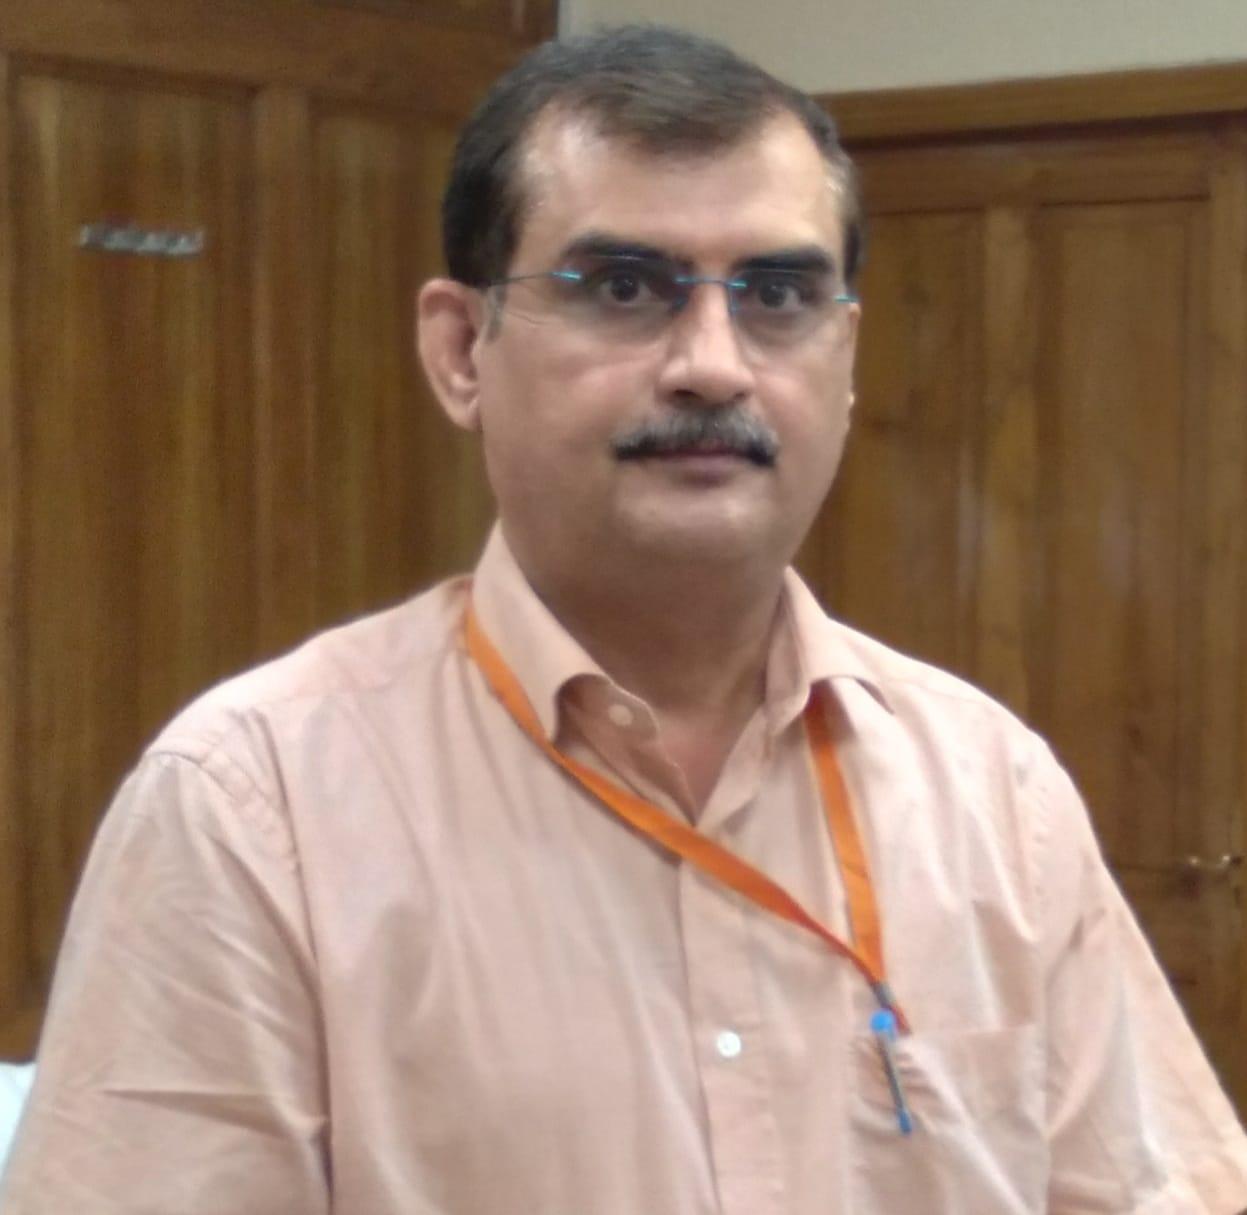 मुरली मनोहर जोशी से खास रहा है इनका नाता, प्रोफेसर रहे हैं खीरी जिले के नए सीडीओ